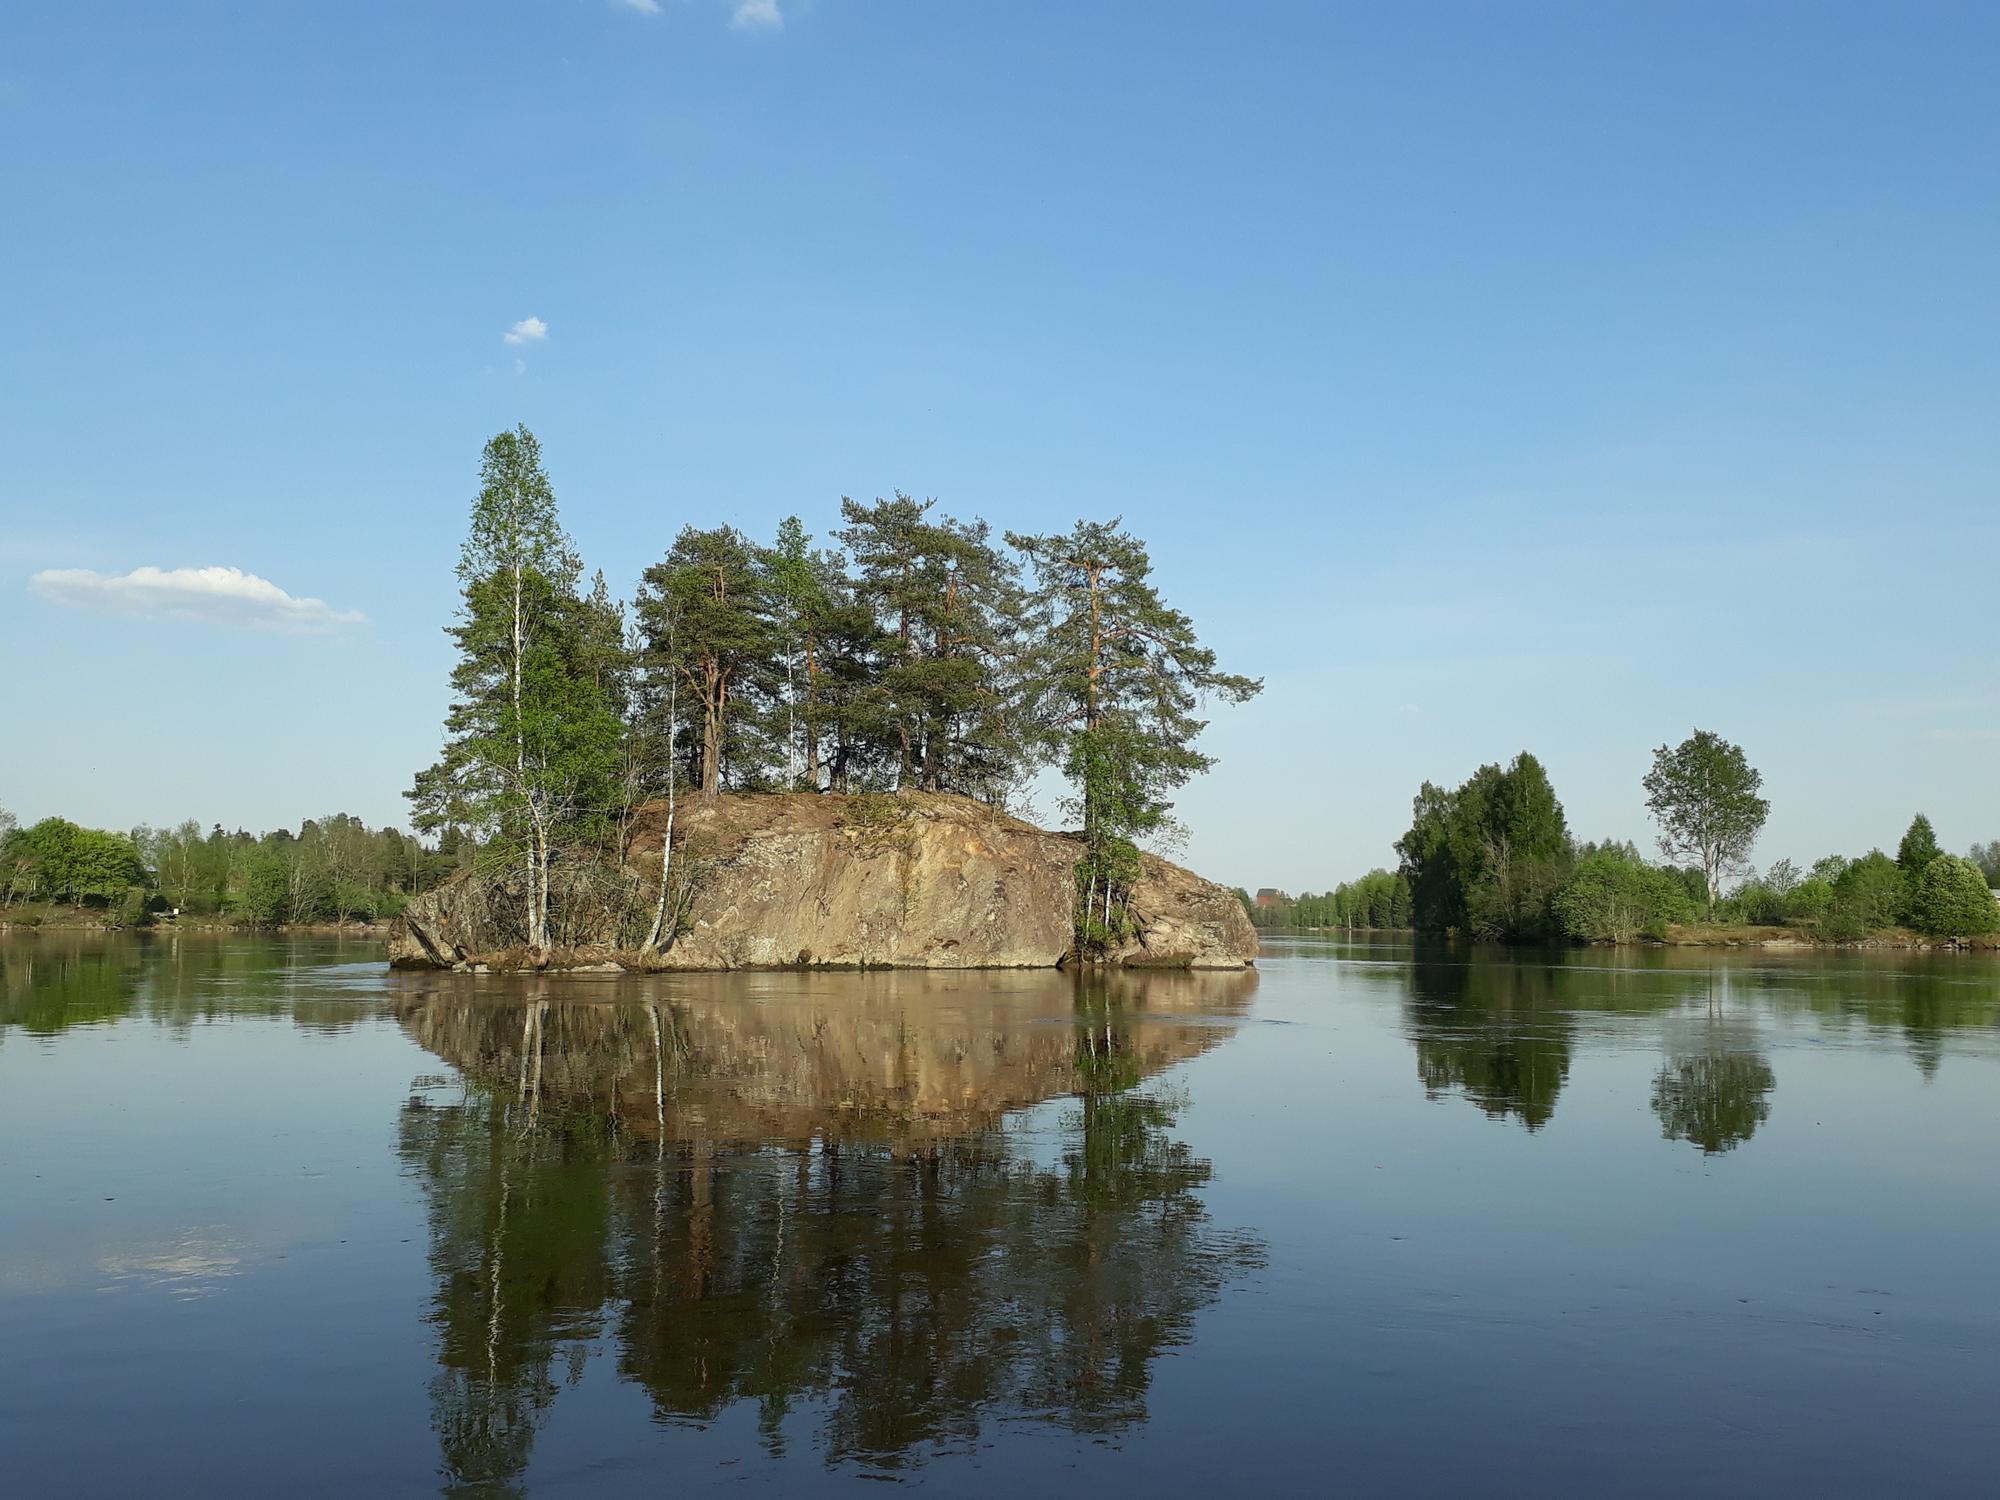 Kokemäenjokilaakson maisemasta